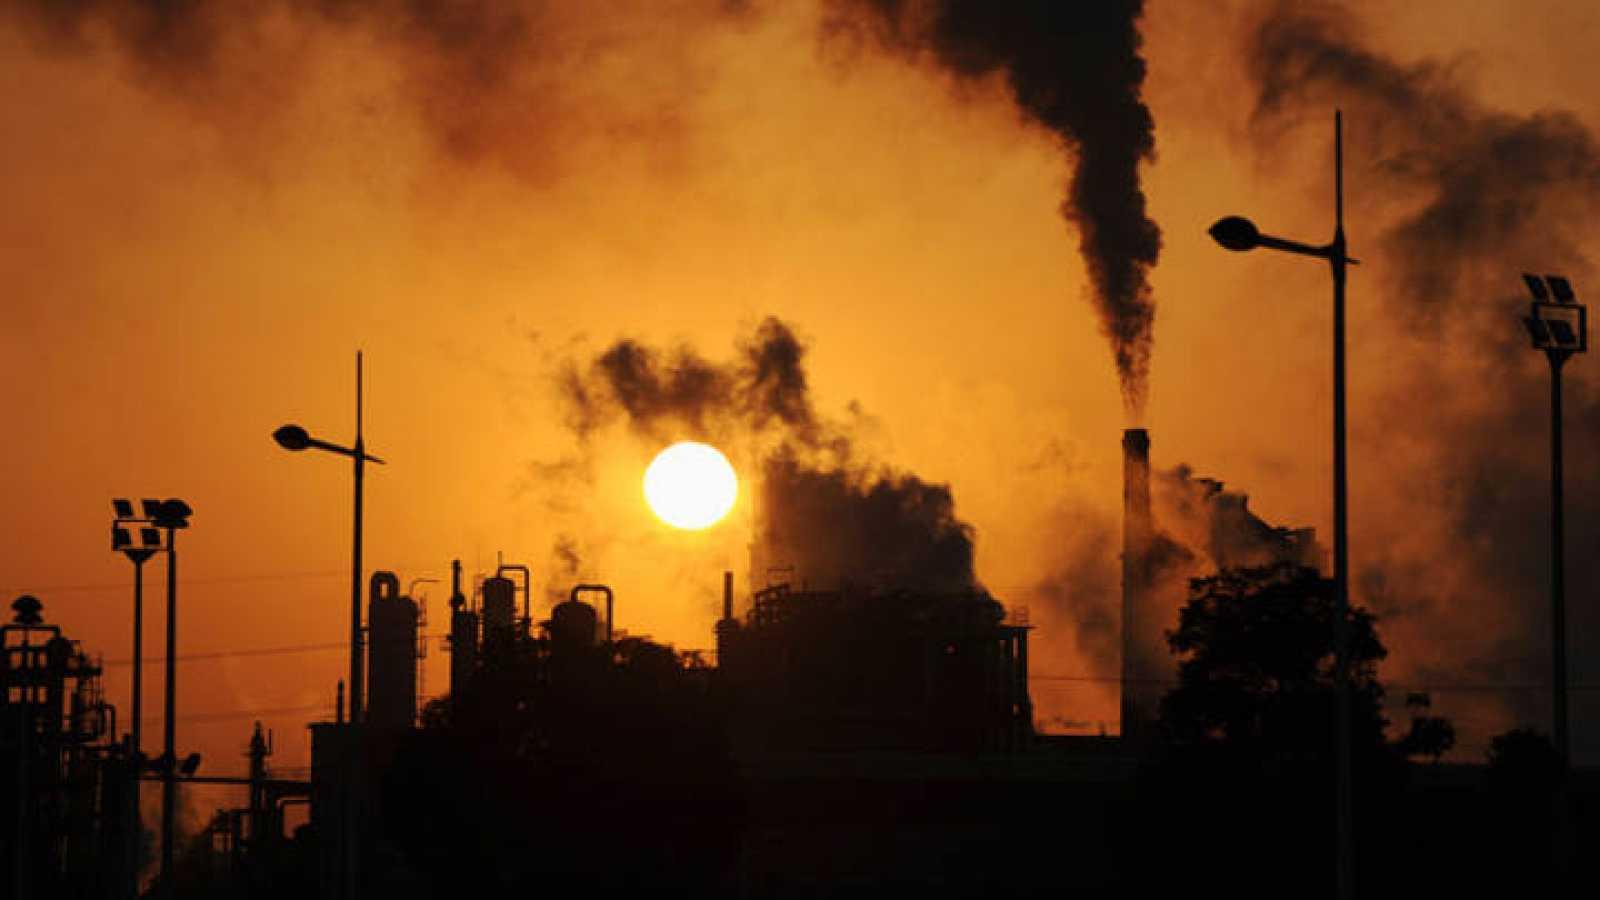 2017 registró una cifra récord de emisión de gases de efecto invernadero